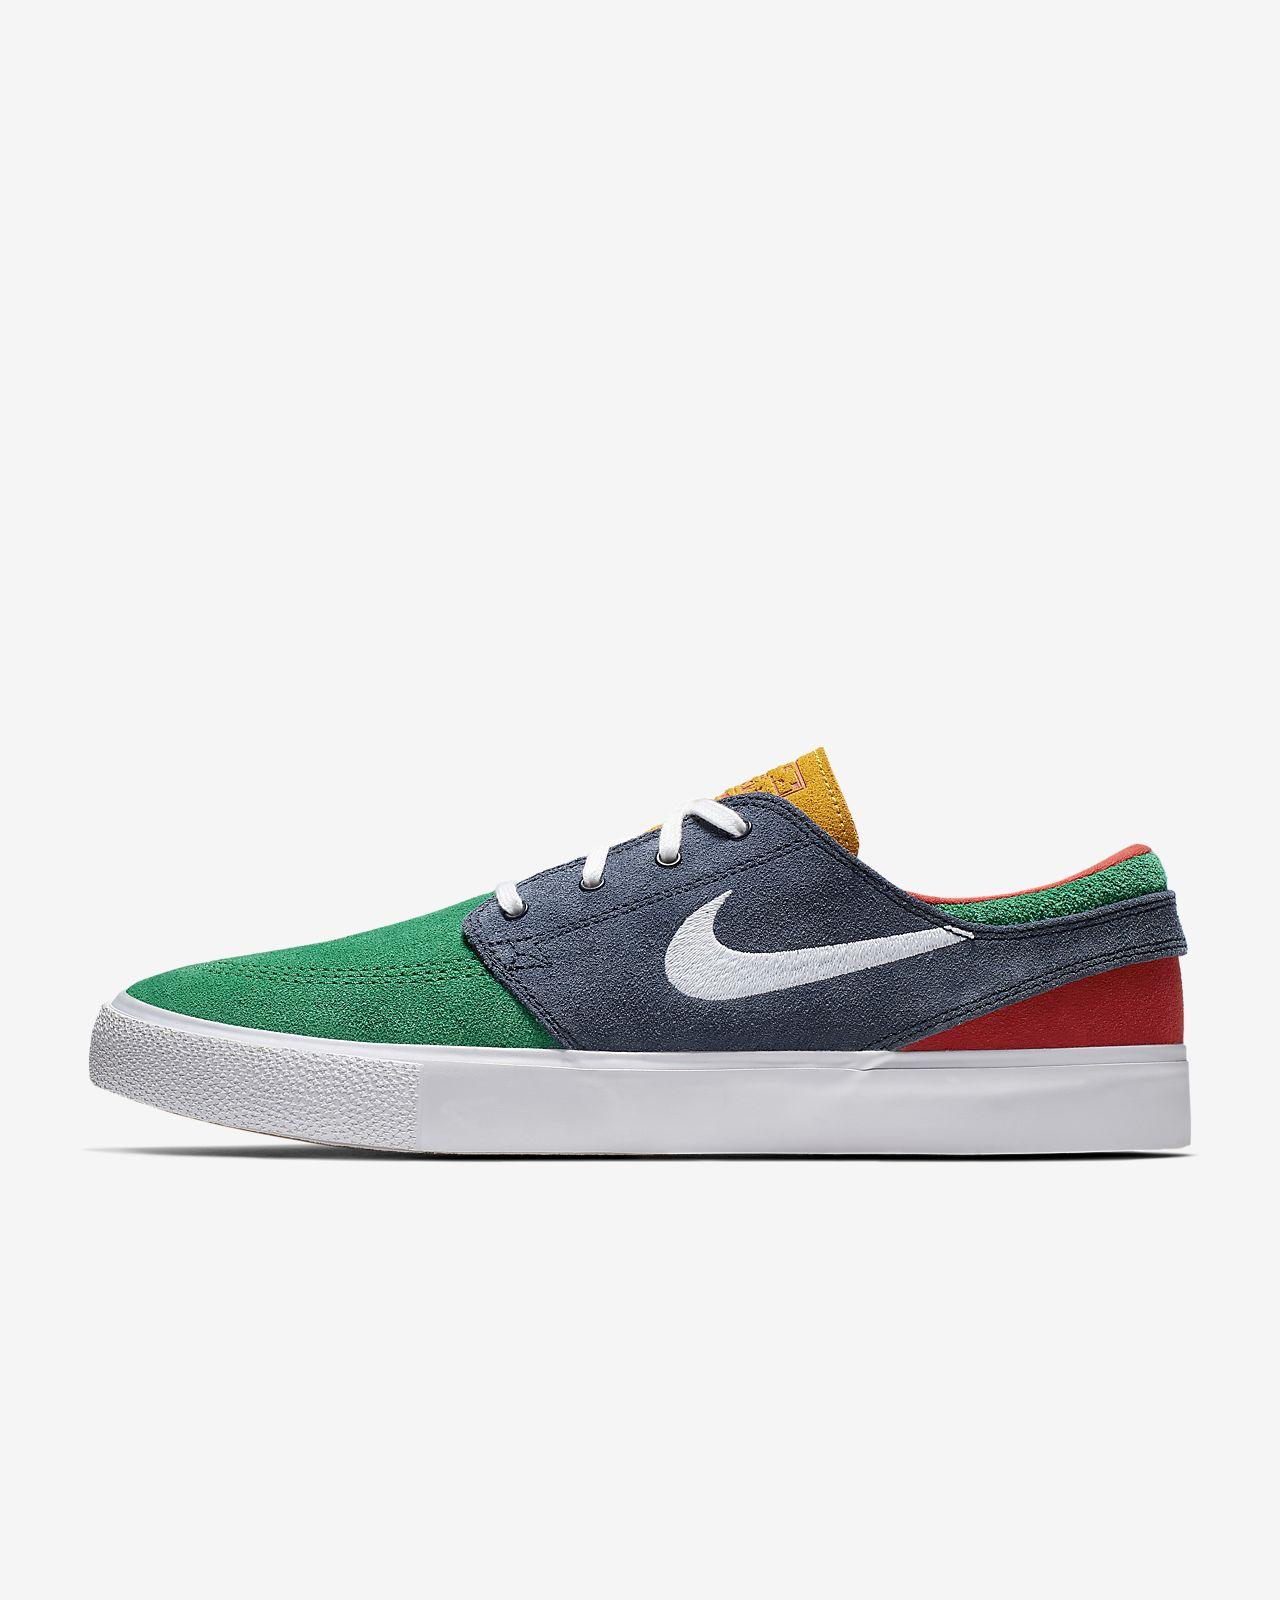 Παπούτσι skateboarding Nike SB Zoom Stefan Janoski RM